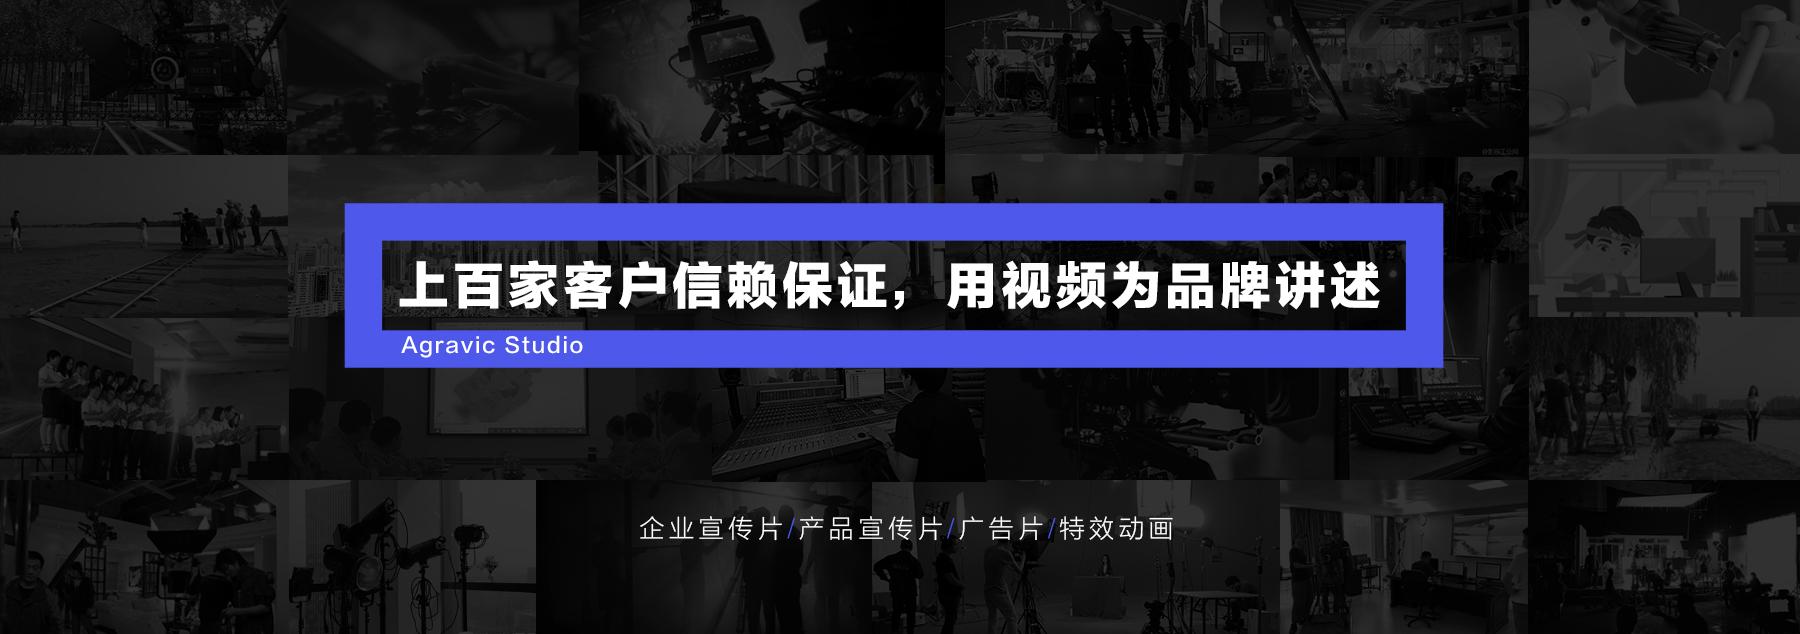 山东企业宣传片制作